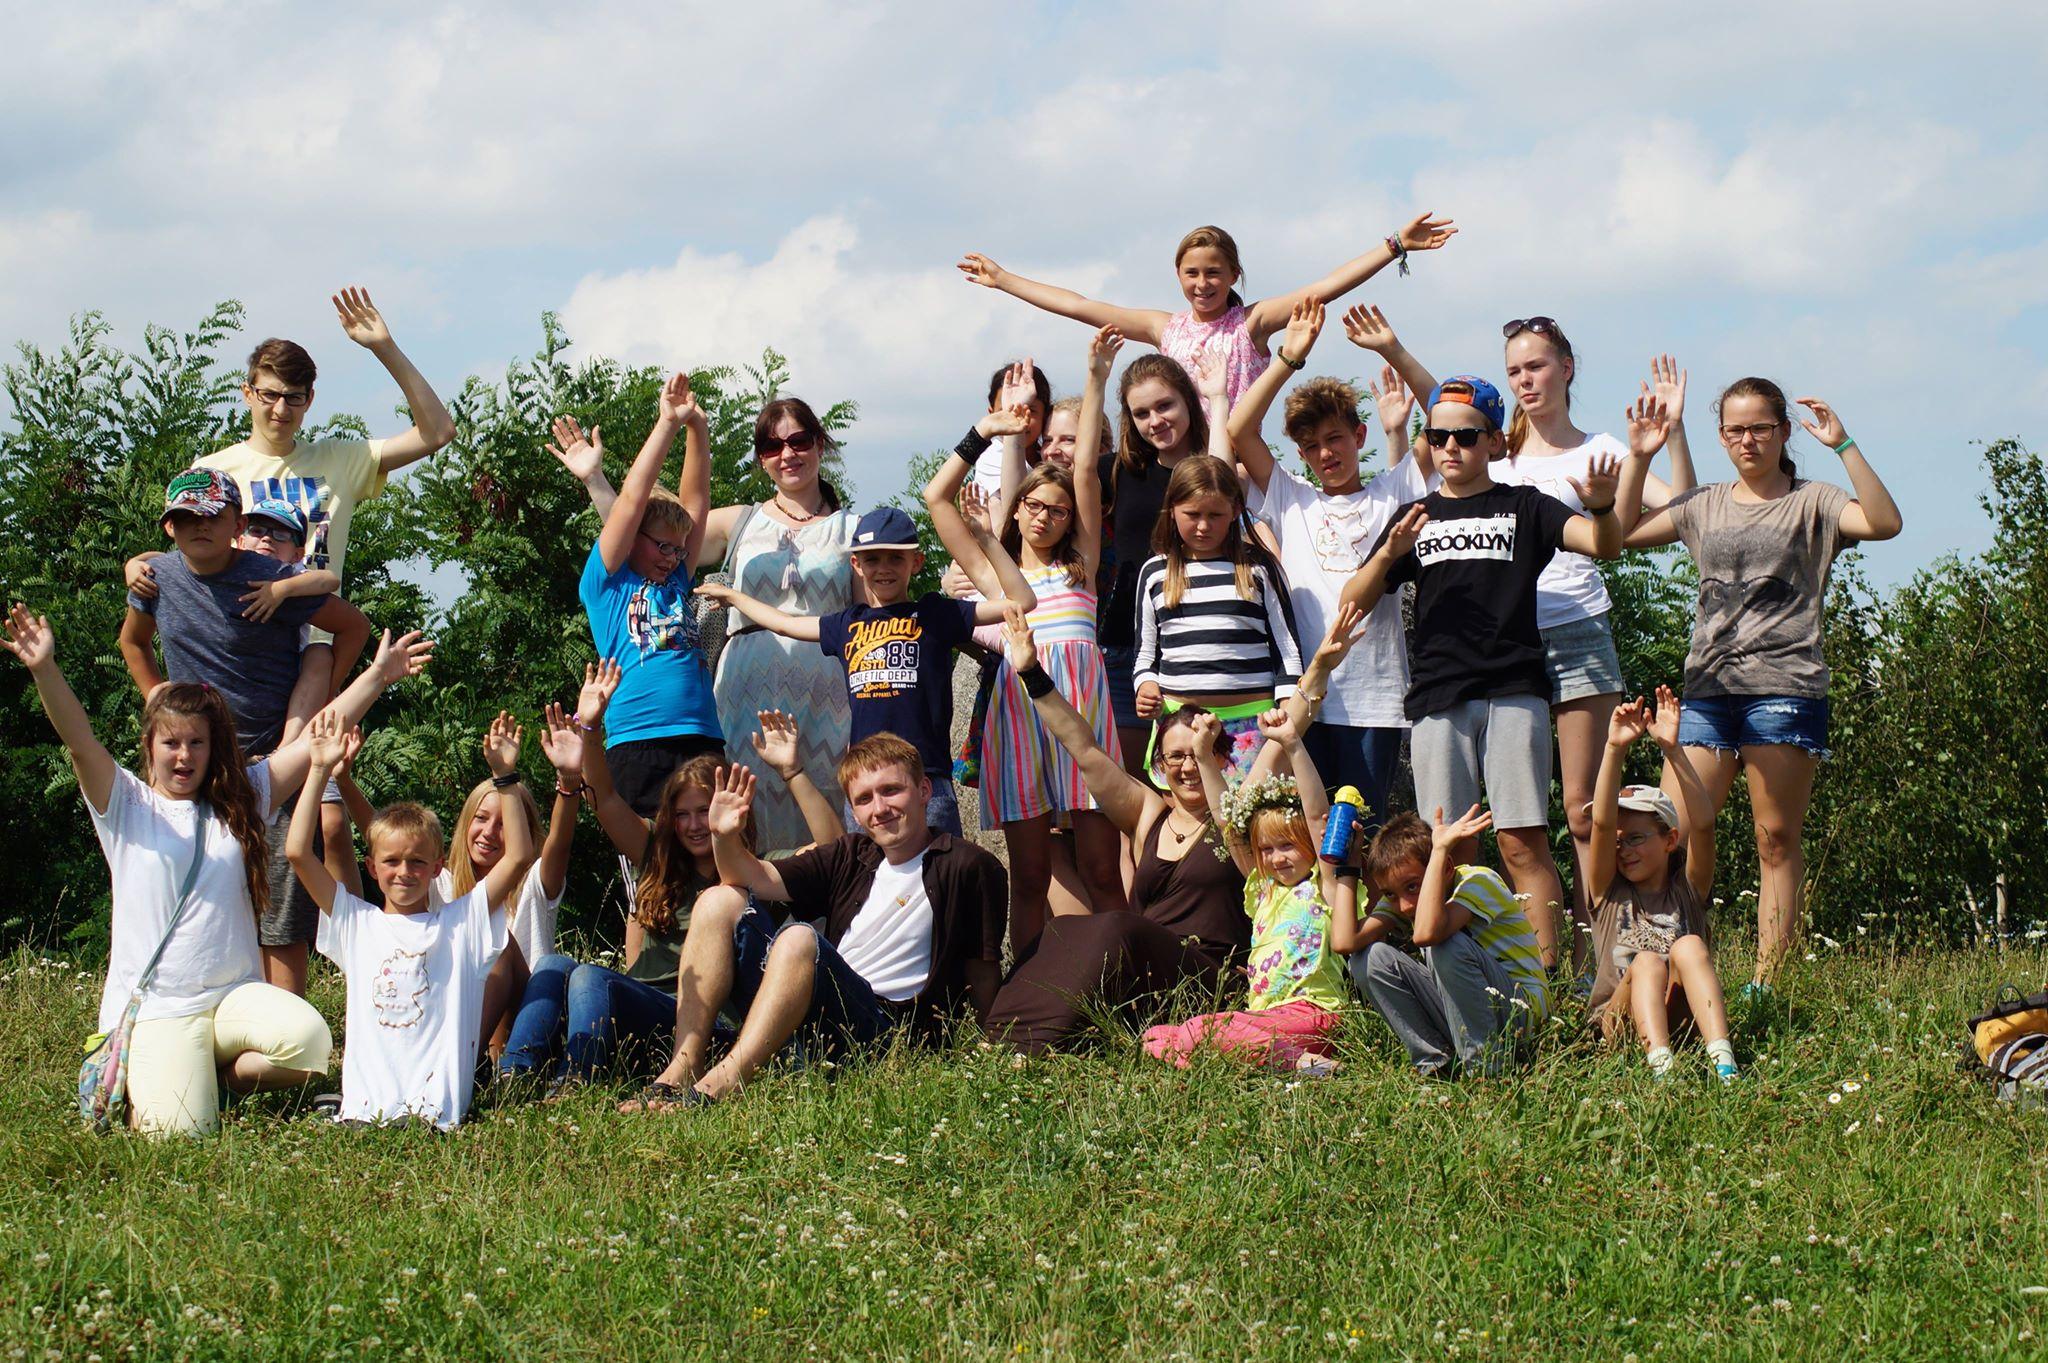 Vaikų vasaros stovykla Vasario 16-osios gimnazijoje Vokietijoje